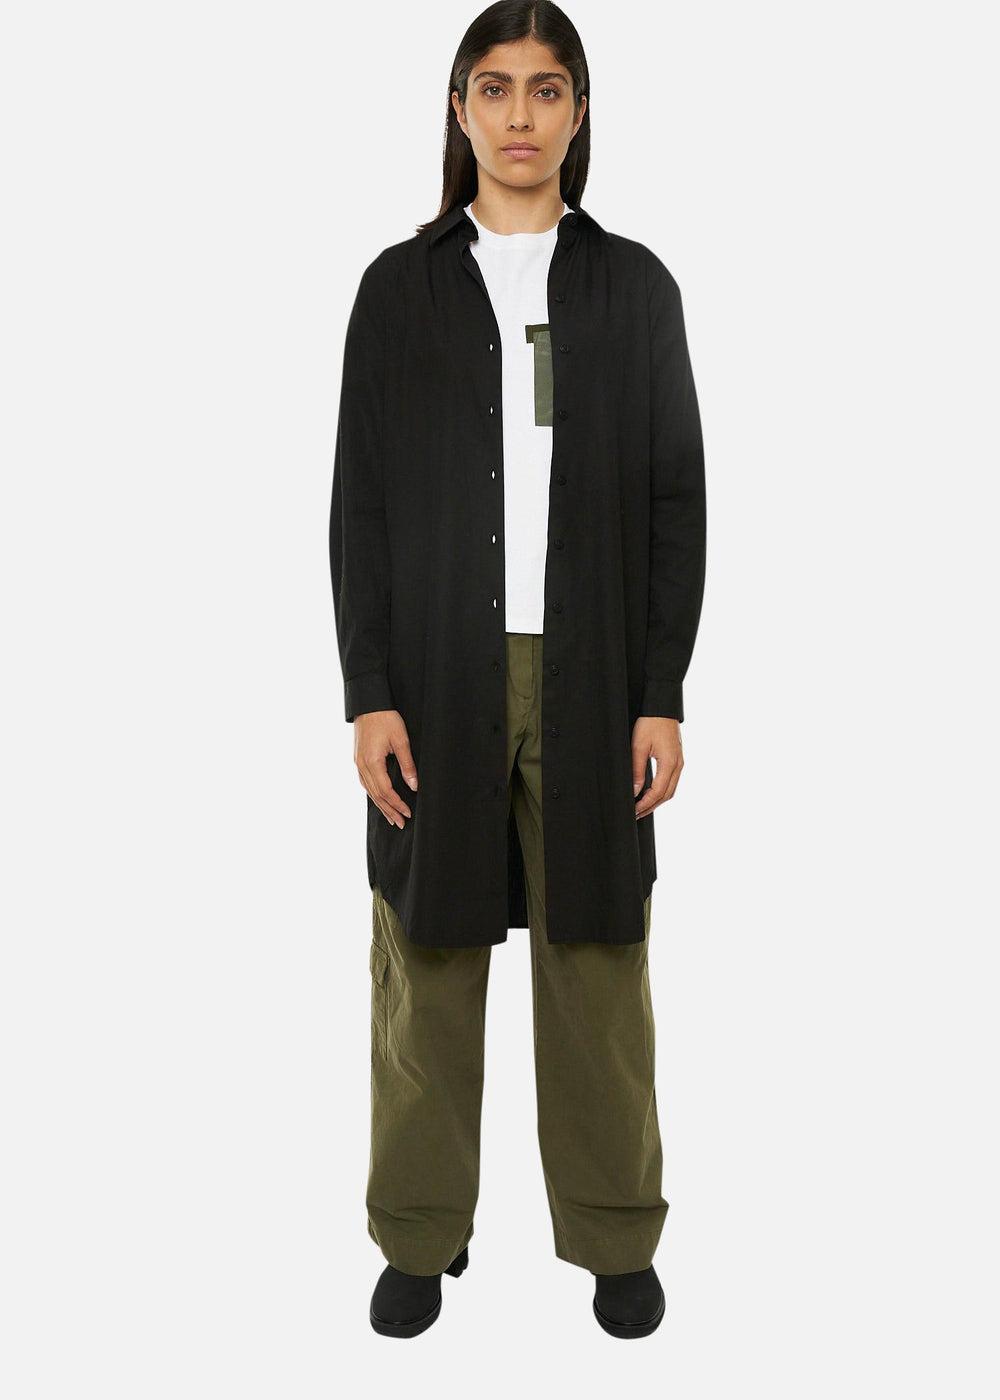 Raeburn SHIRT DRESS BLACK